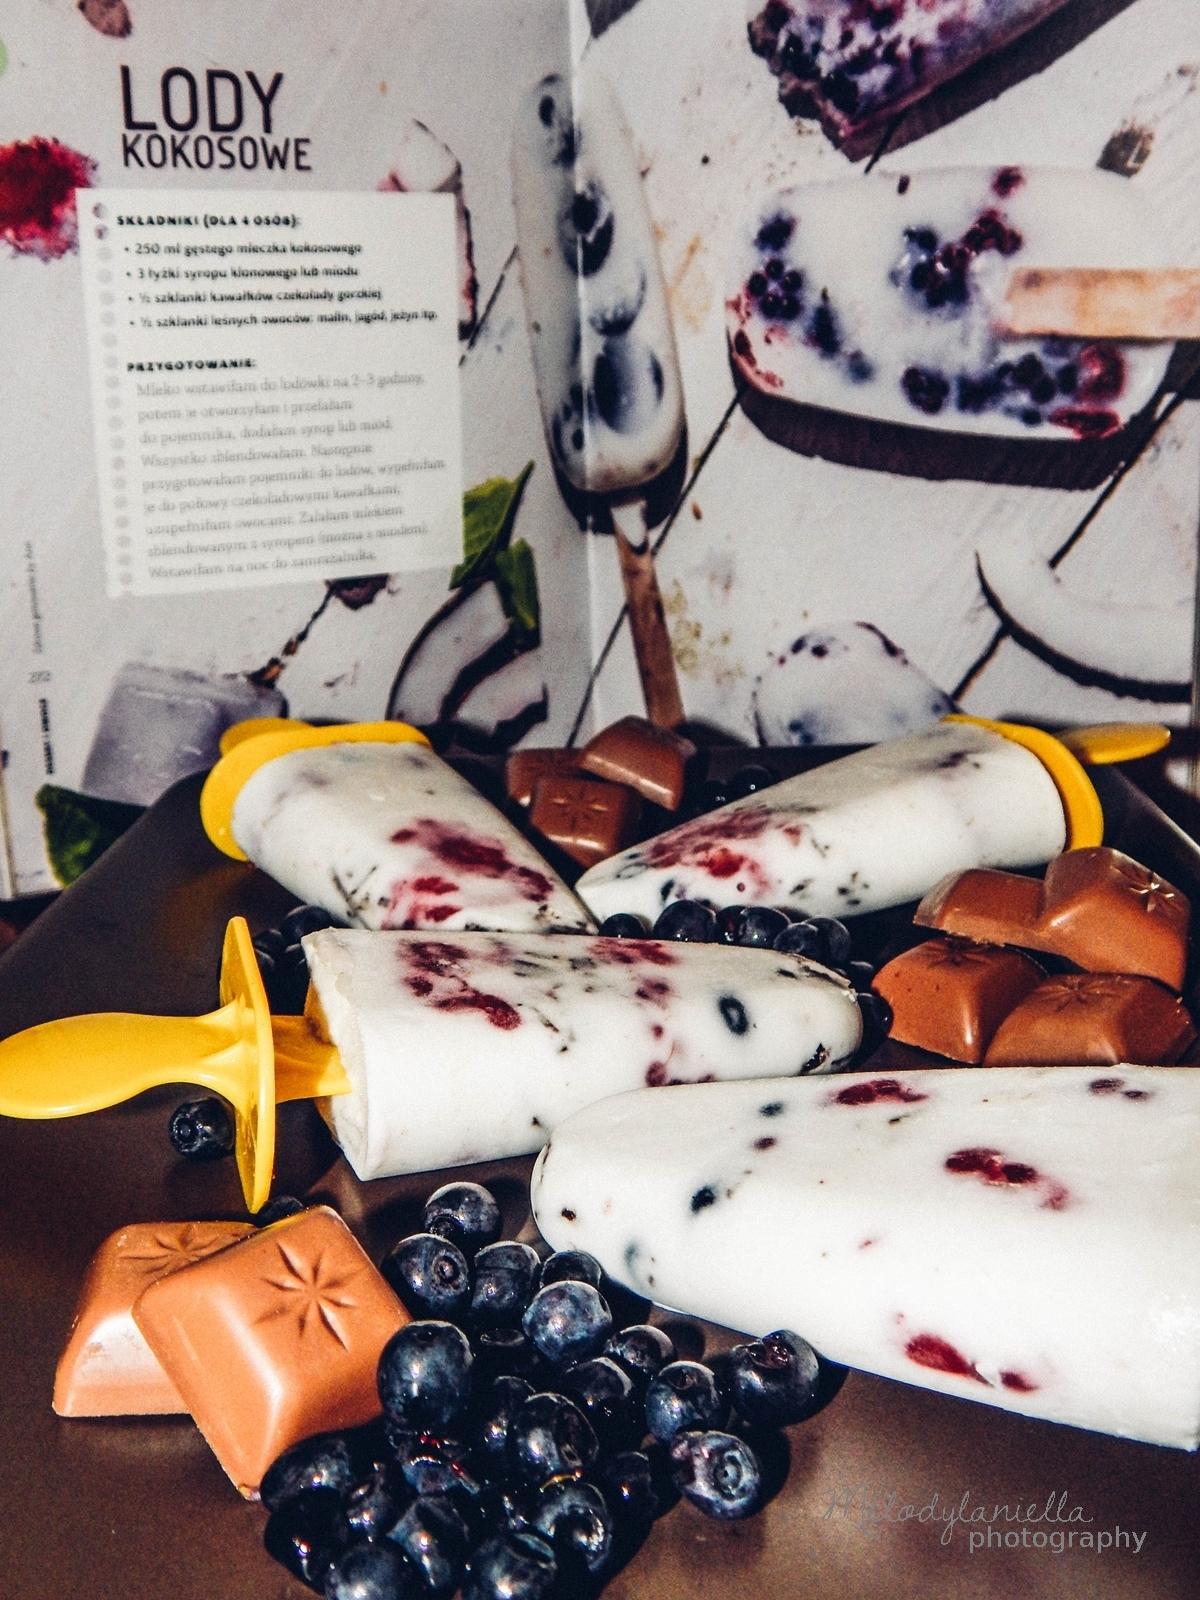 zdrowe gotowanie by ann anna lewandowska ksiazka kucharska recenzja melodylaniella jedzenie zdrowe ozywianie dieta porady fit health sportowa dieta.jpg burda ksiazki lody kokosowe z czekolada i owocami lesny